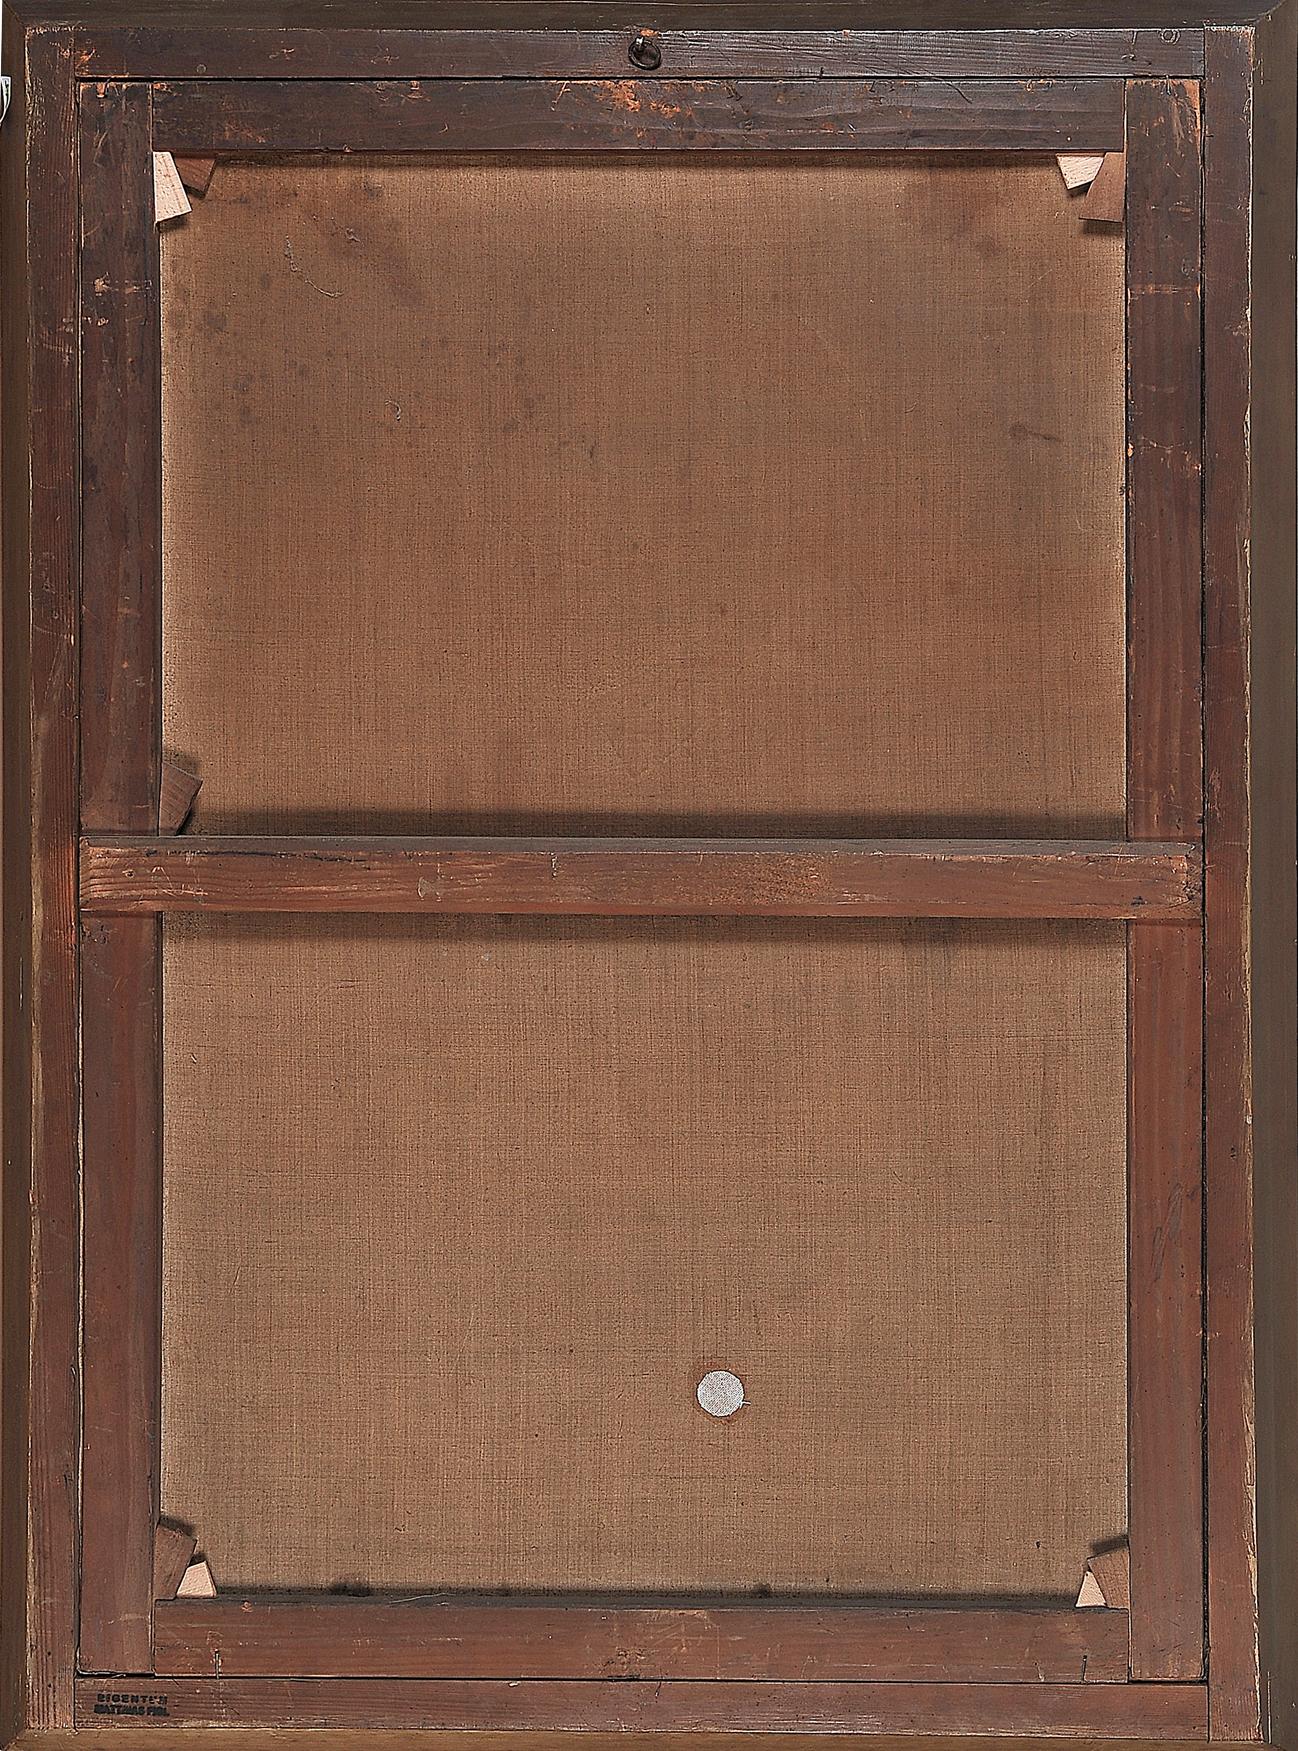 Der schlimme Amor, Gemälde, Empire um 1790/1810 - Image 3 of 3